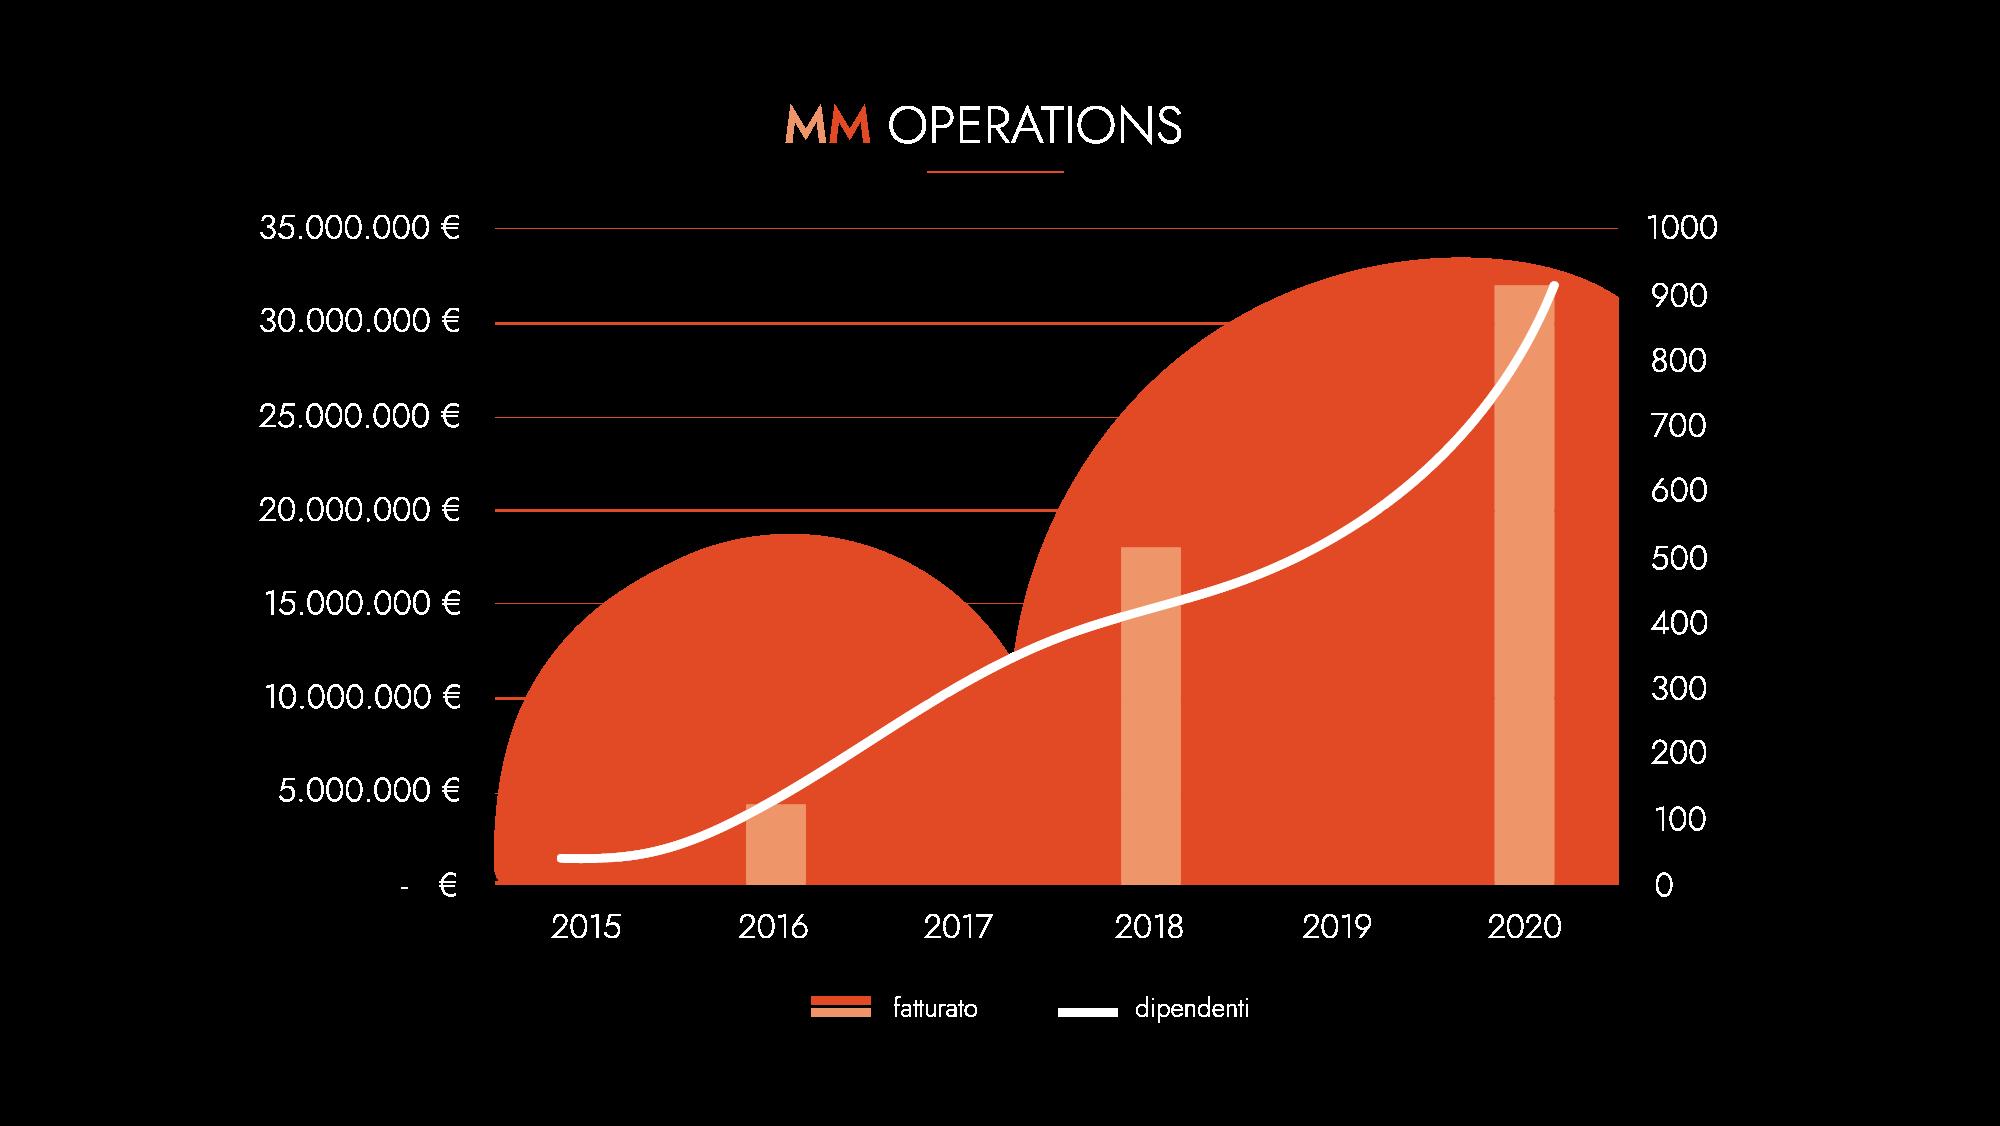 Grafico risultati annuali MM Operations